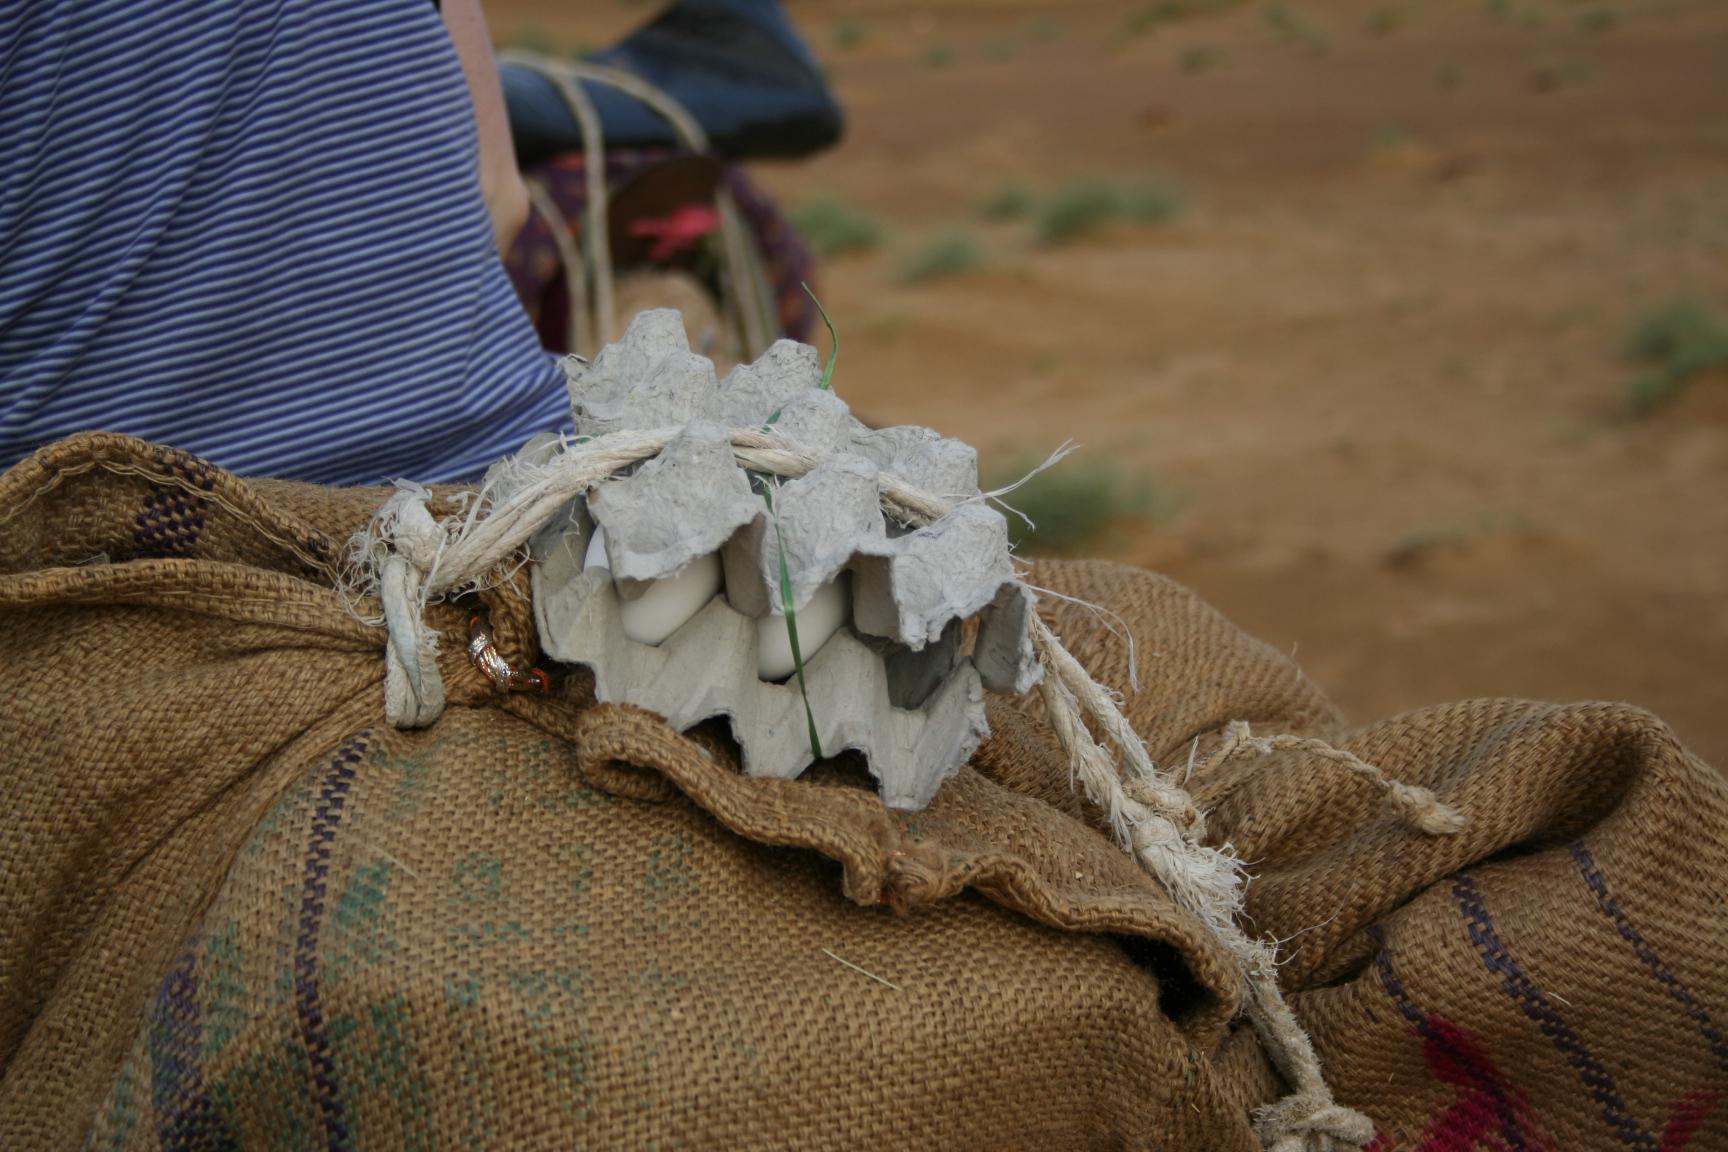 Jaisalmer - how to transport eggs in the desert